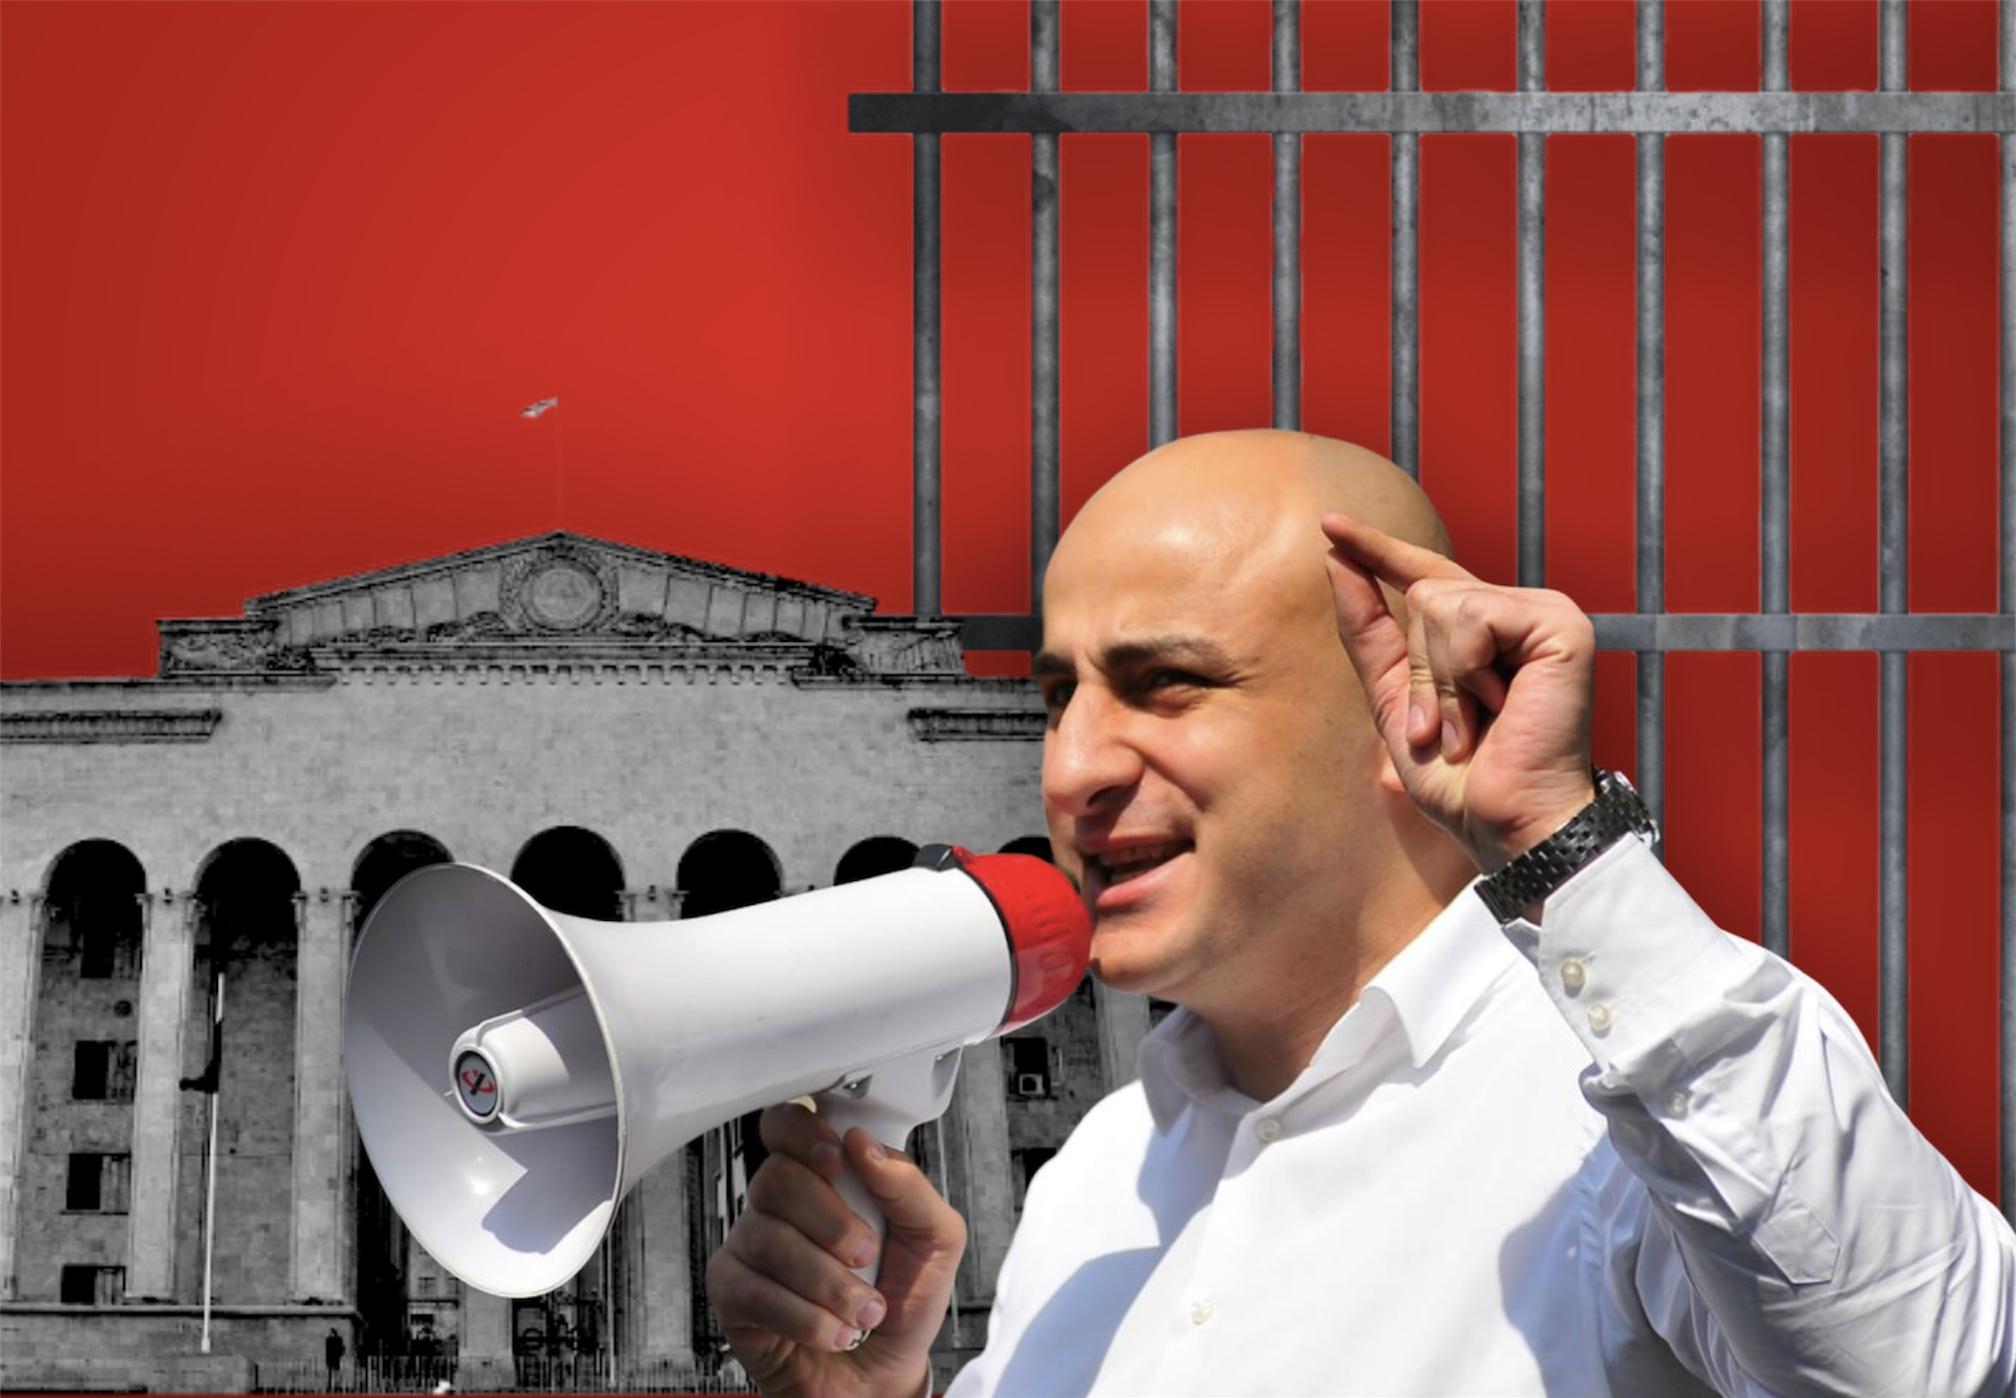 Оппозиционер Ника Мелия на свободе: ожидания и реальность